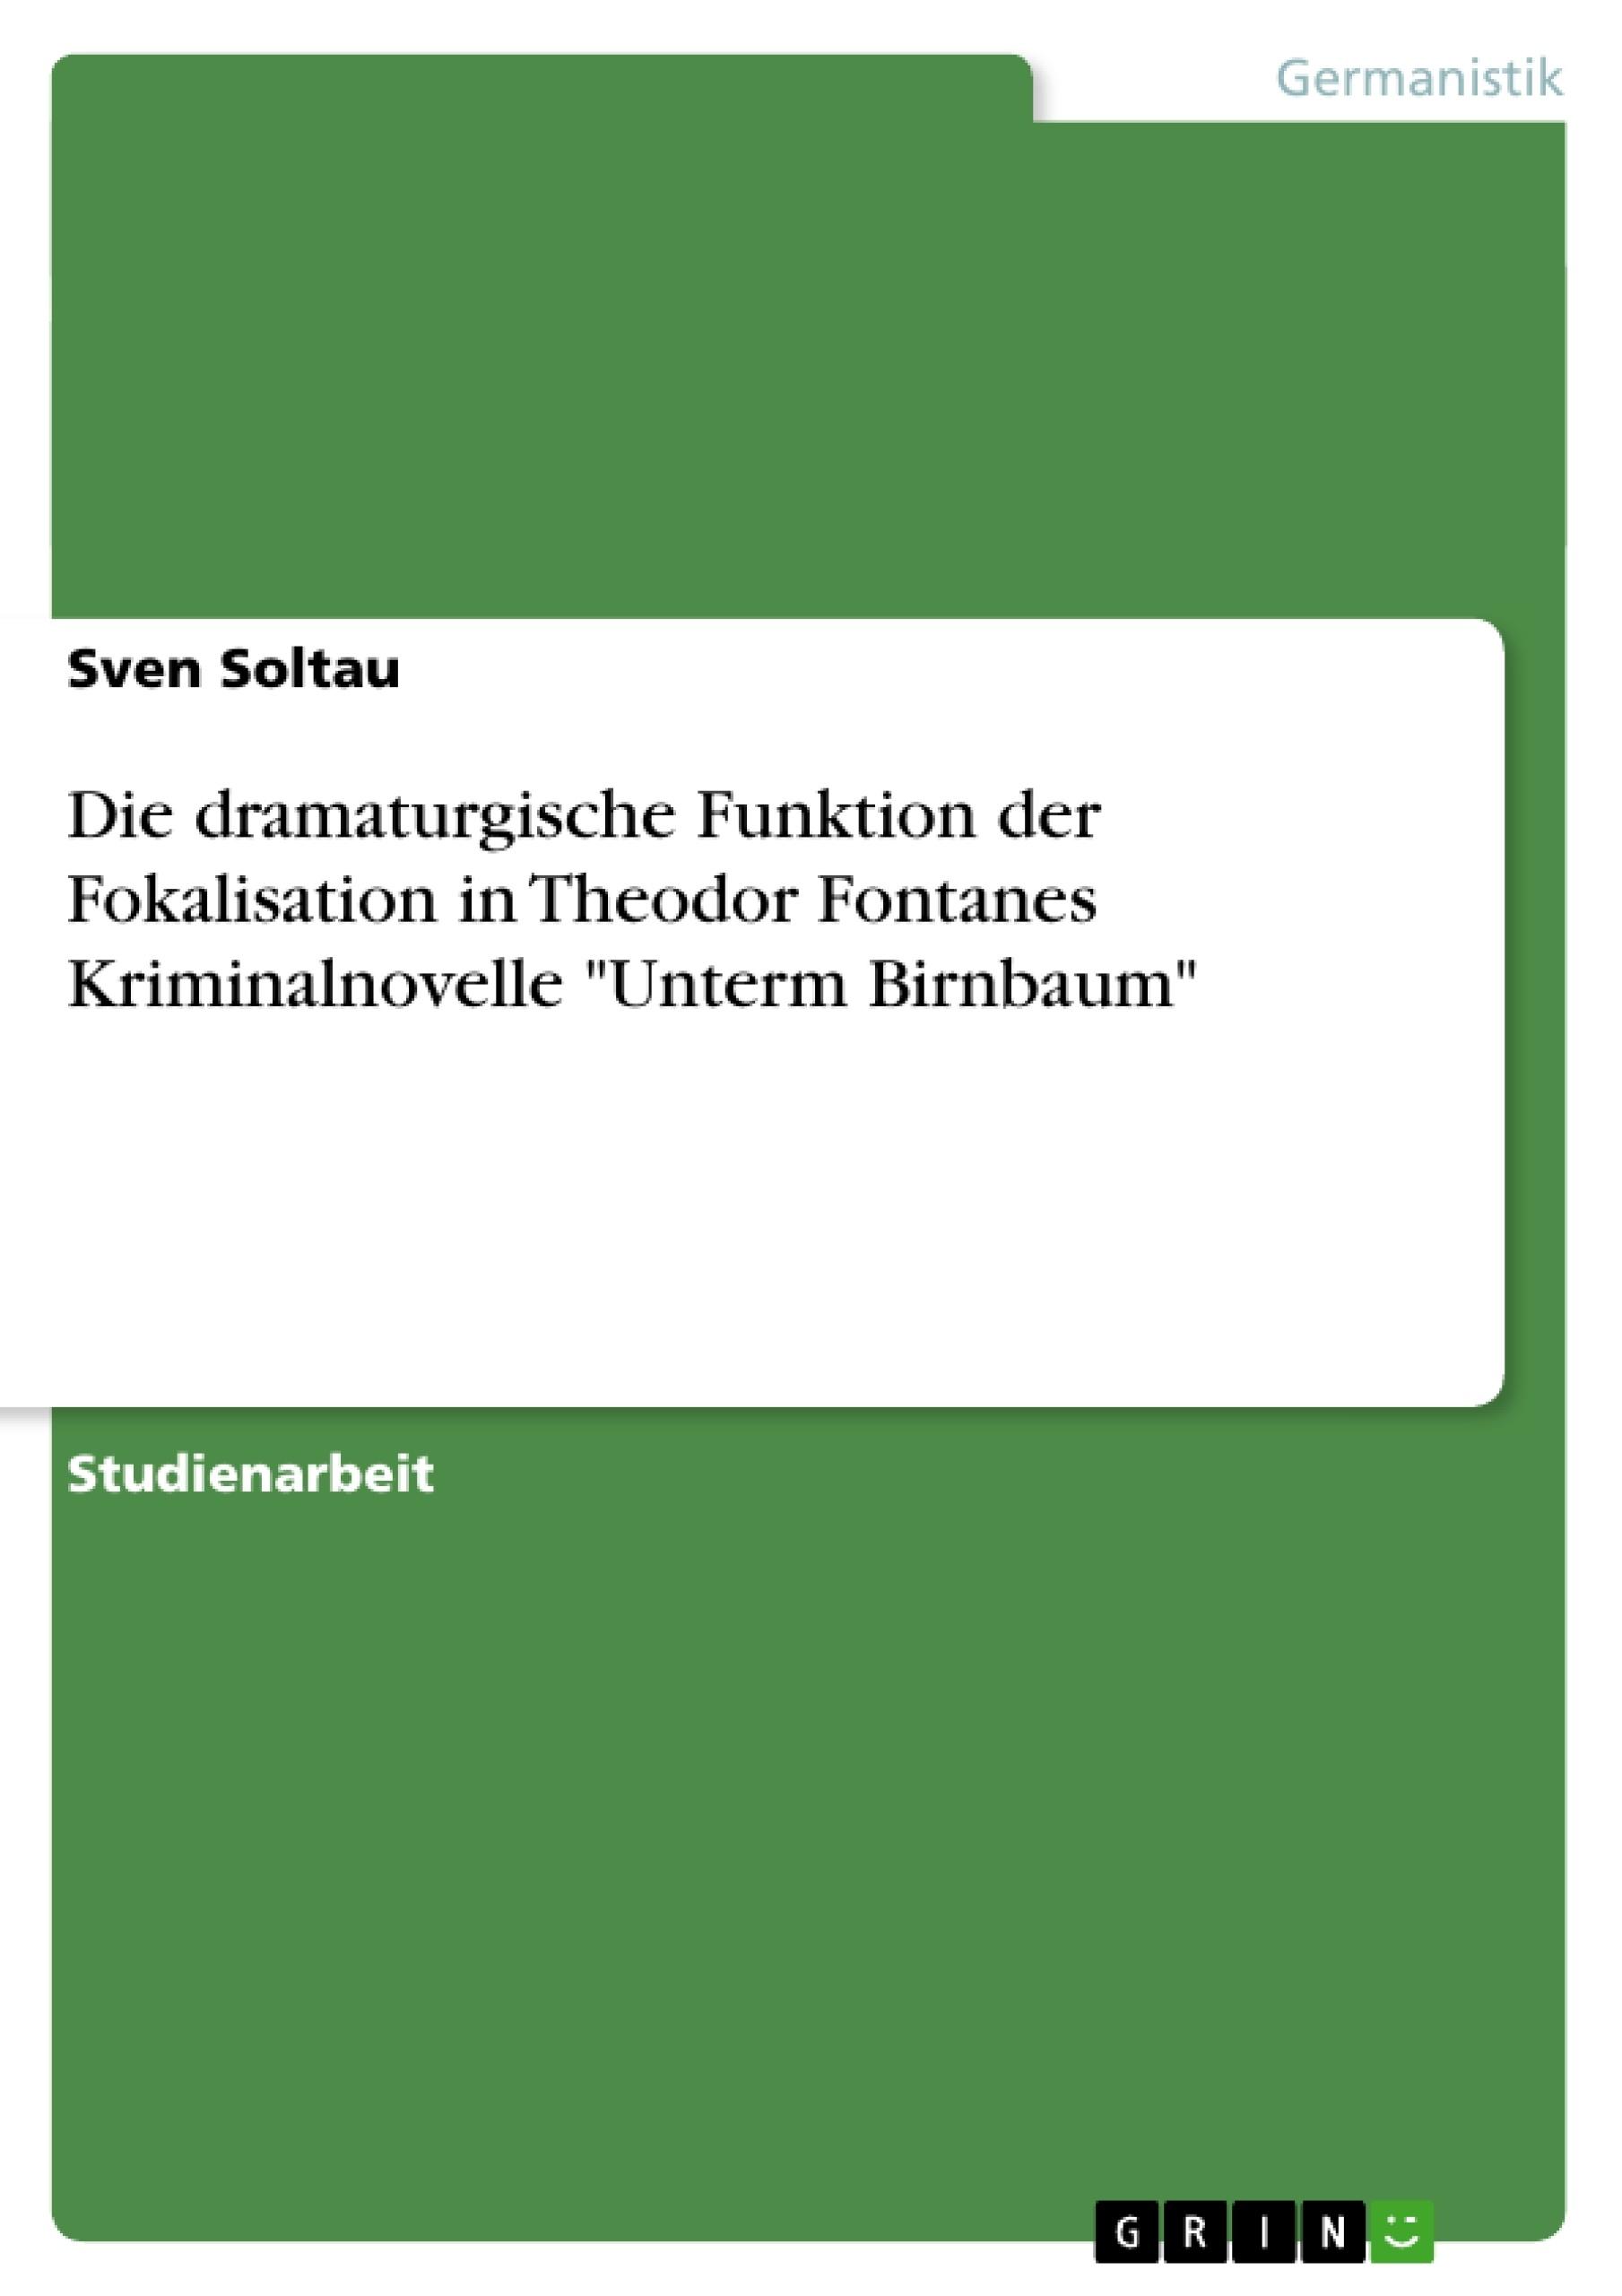 """Titel: Die dramaturgische Funktion der Fokalisation in Theodor Fontanes Kriminalnovelle """"Unterm Birnbaum"""""""